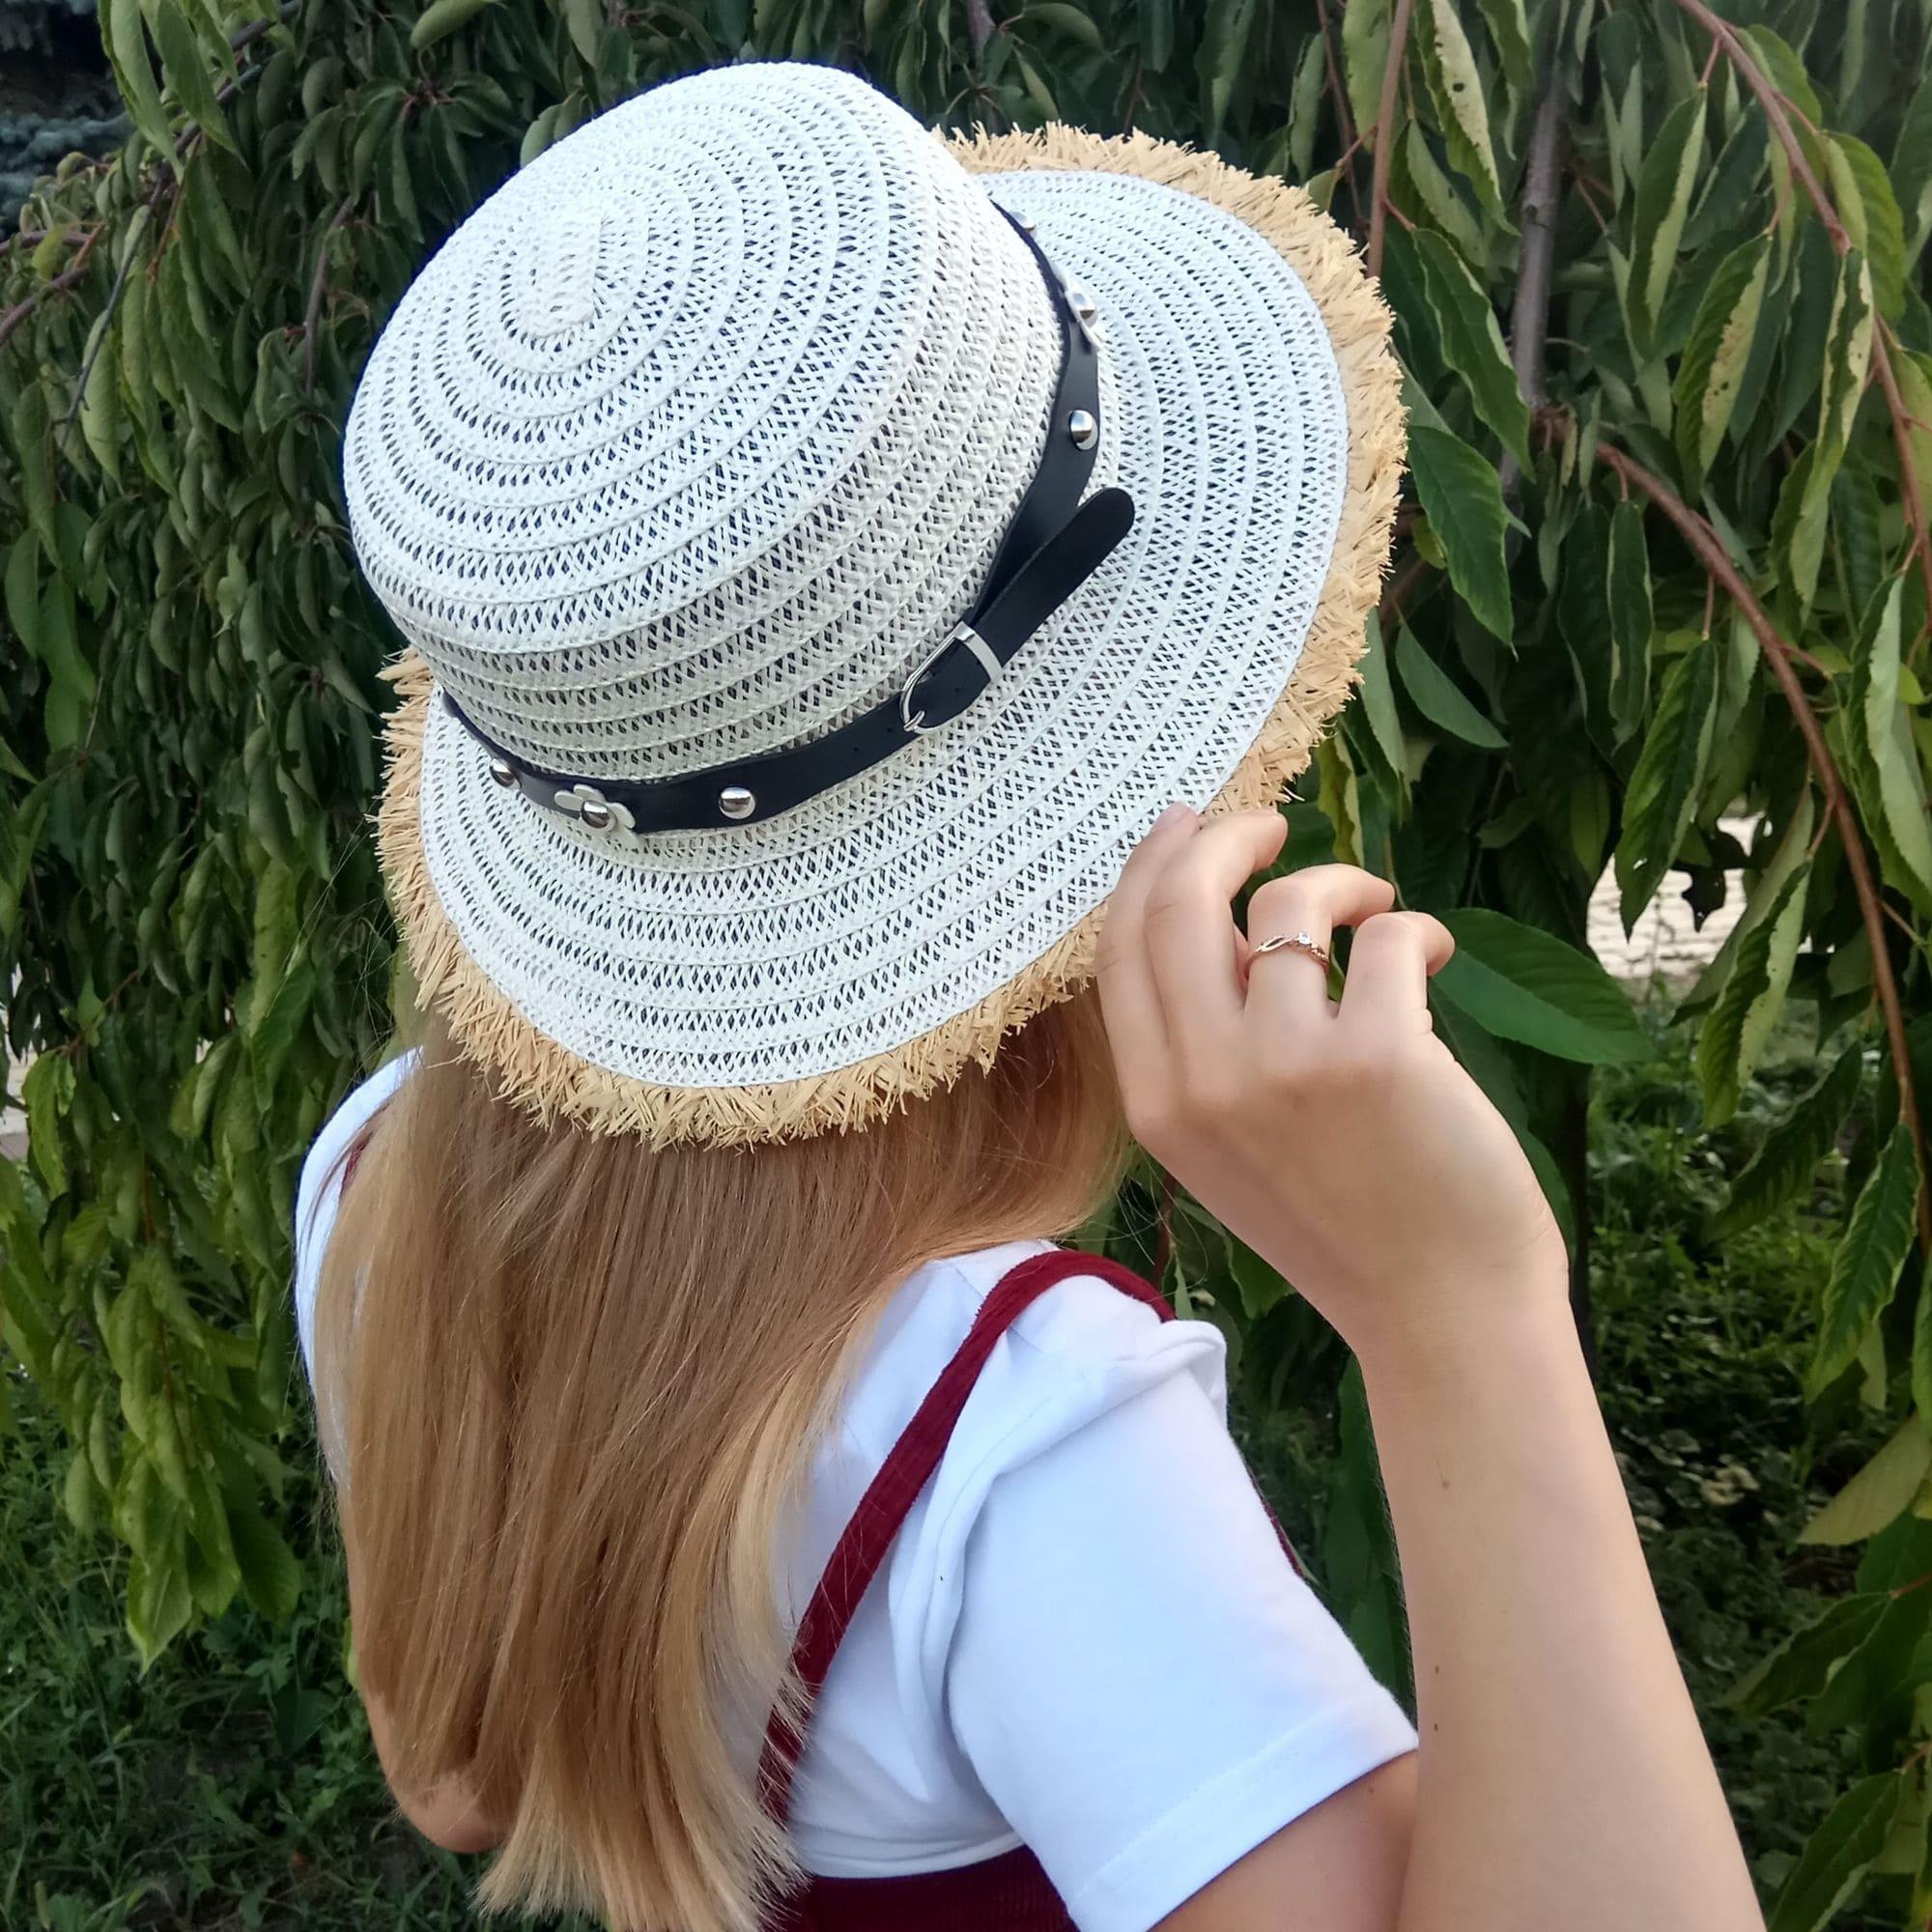 Літній капелюх із бахромою та ремінцем